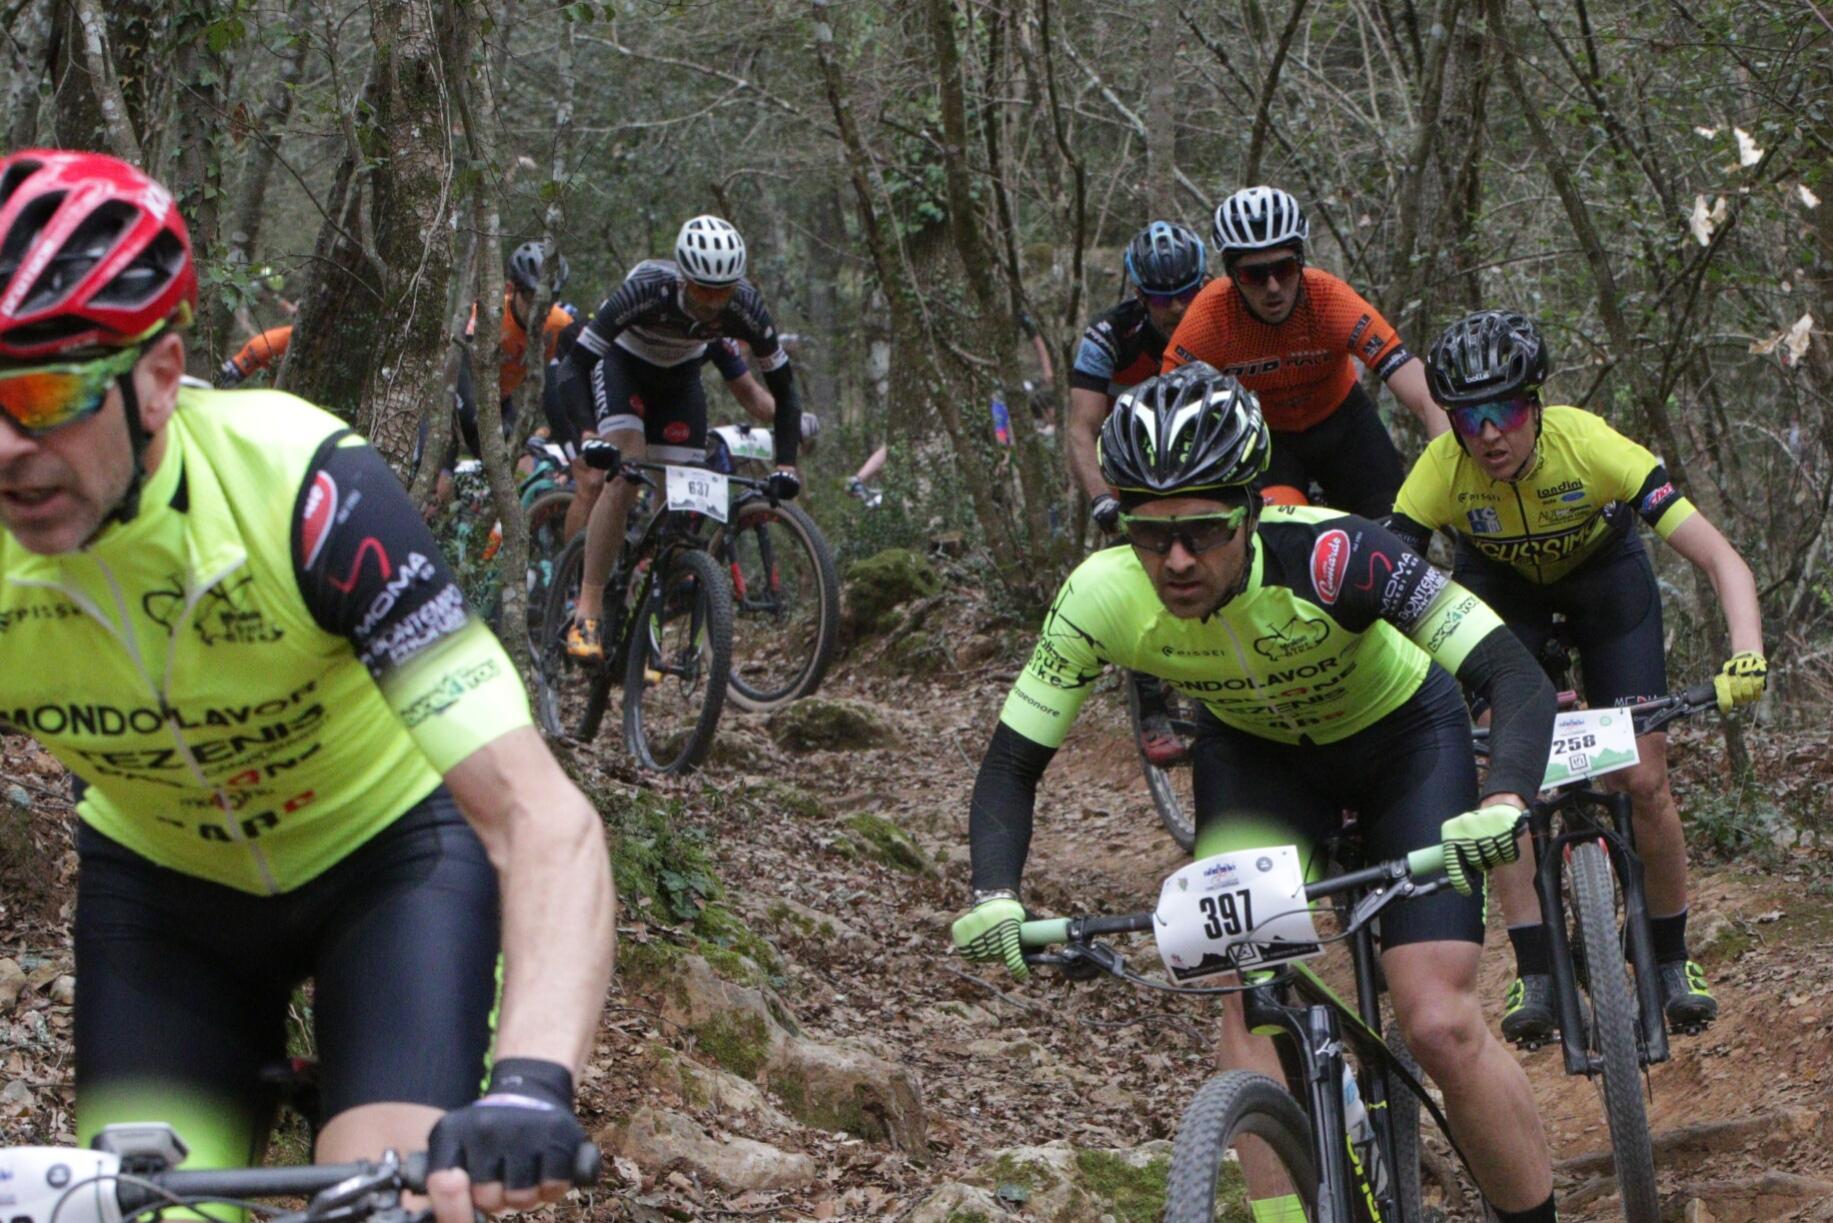 Molise Tour Bike, domenica al via l'avventura nel campionato sentieri e sapori